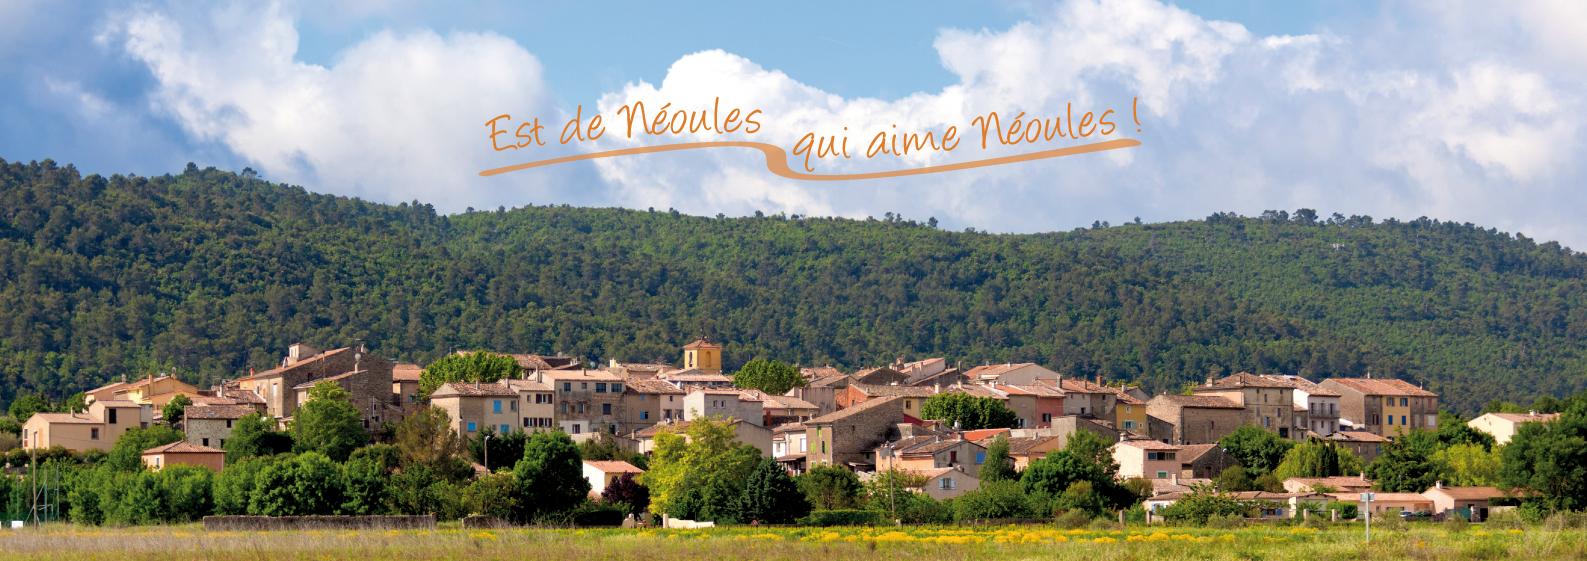 Bienvenue à Néoules